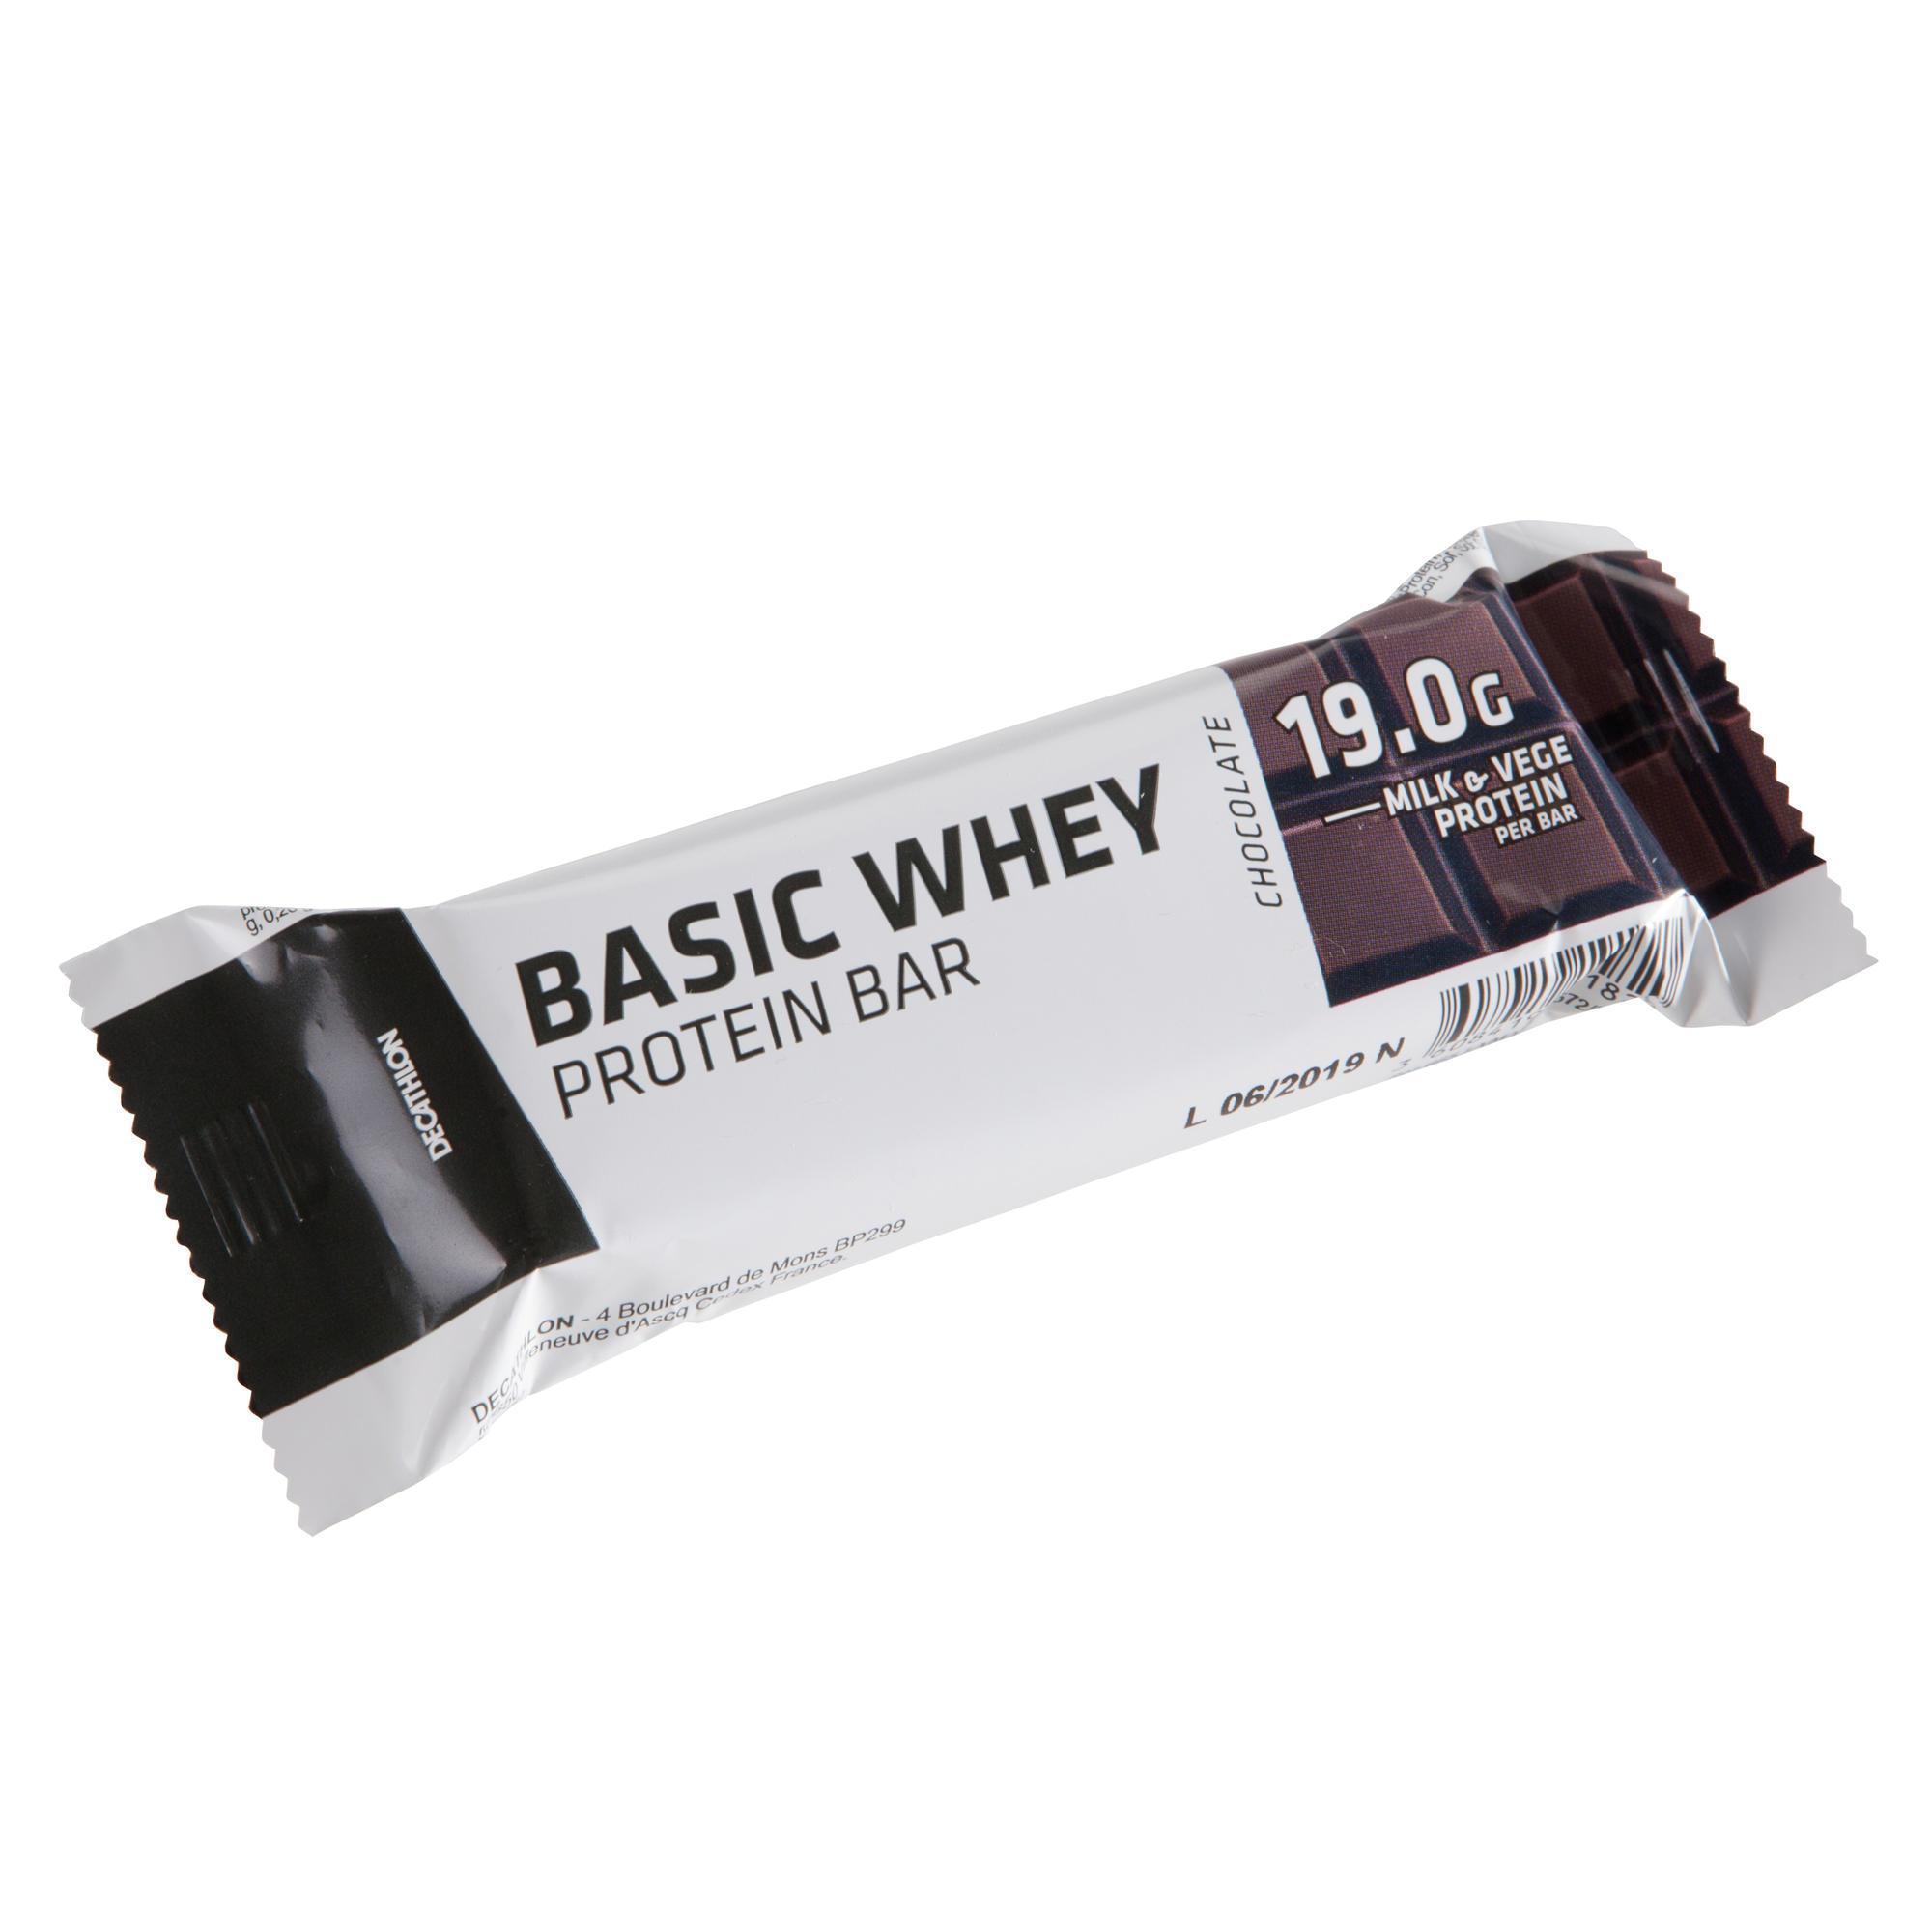 Proteinriegel Basic Whey Schoko